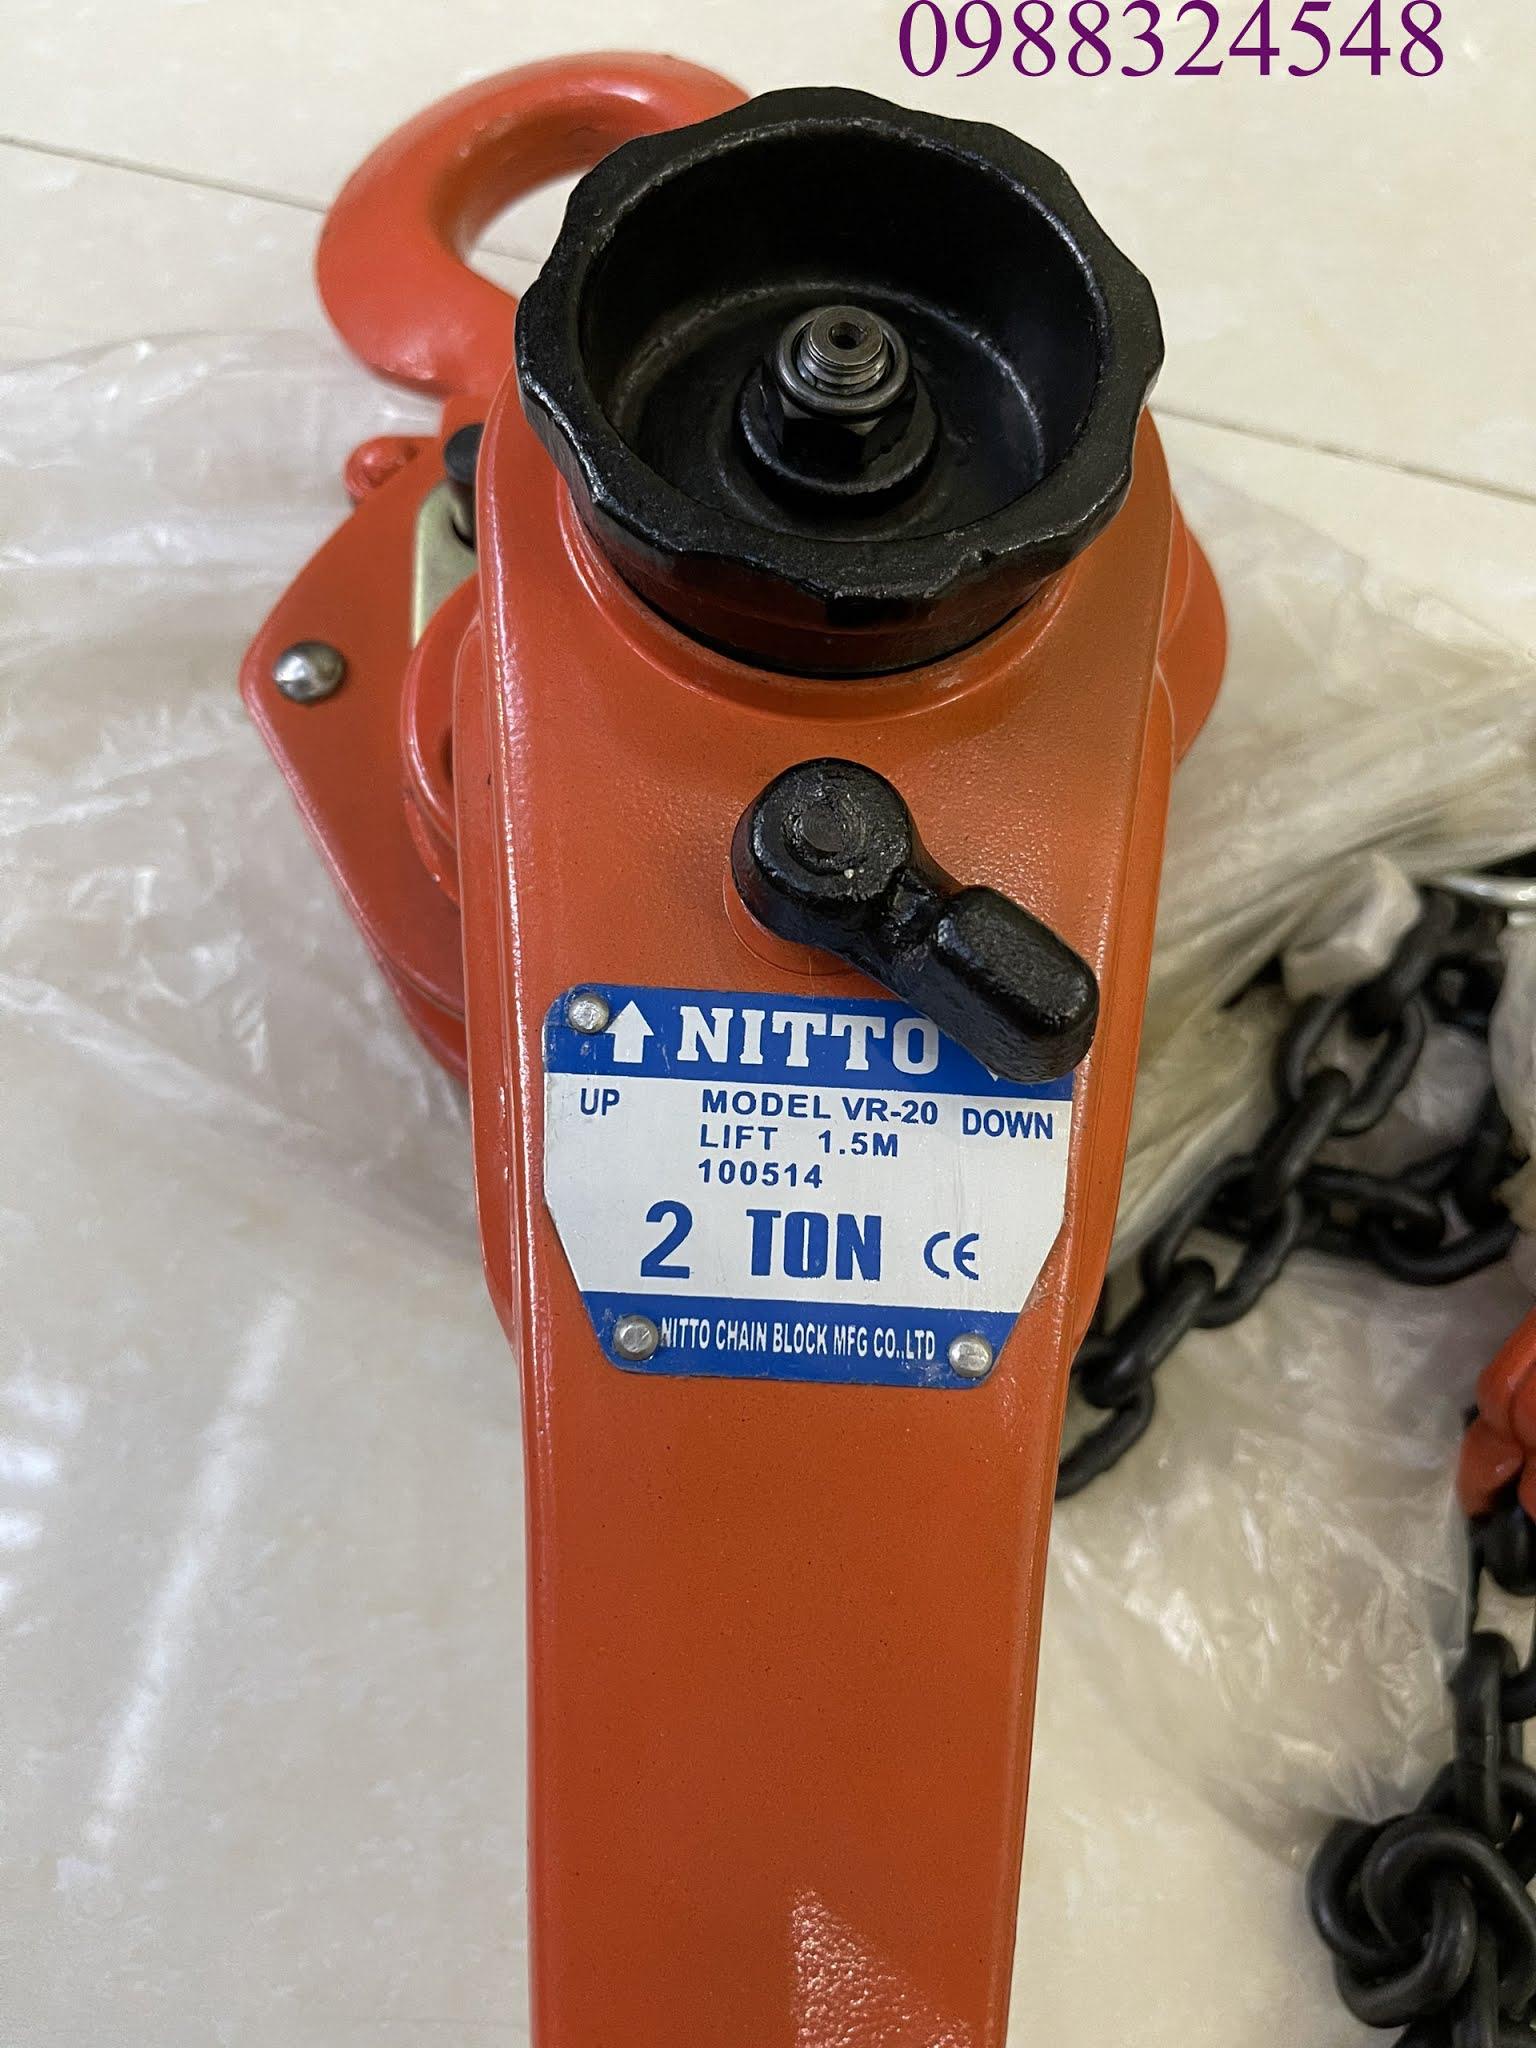 Pa lăng lắc tay Nitto VR-20 2 tấn